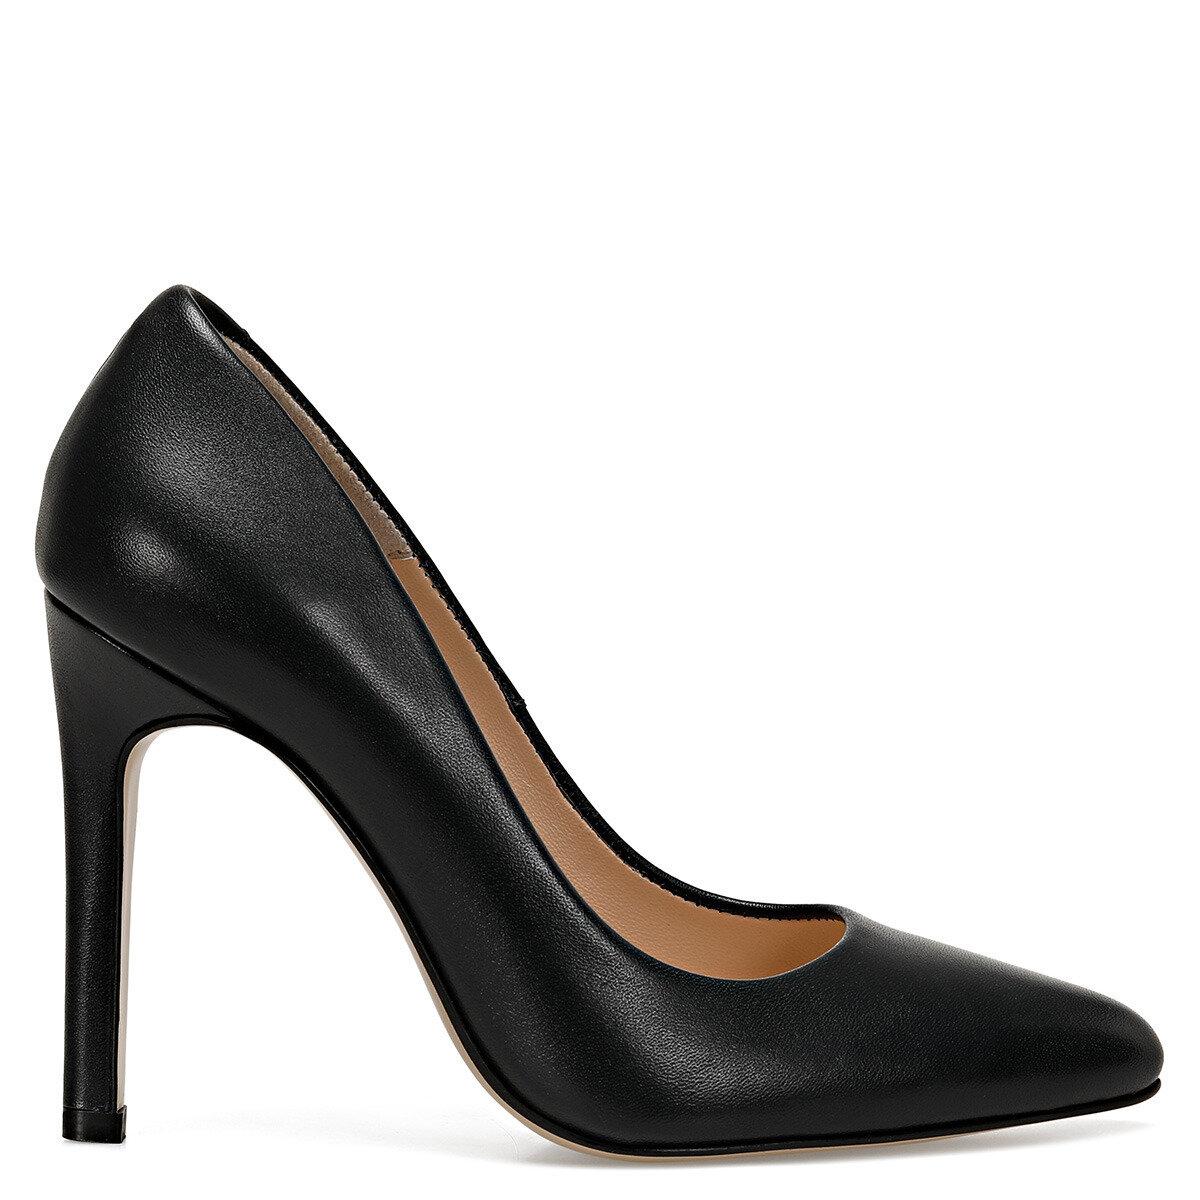 FRONTA Lacivert Kadın Stiletto